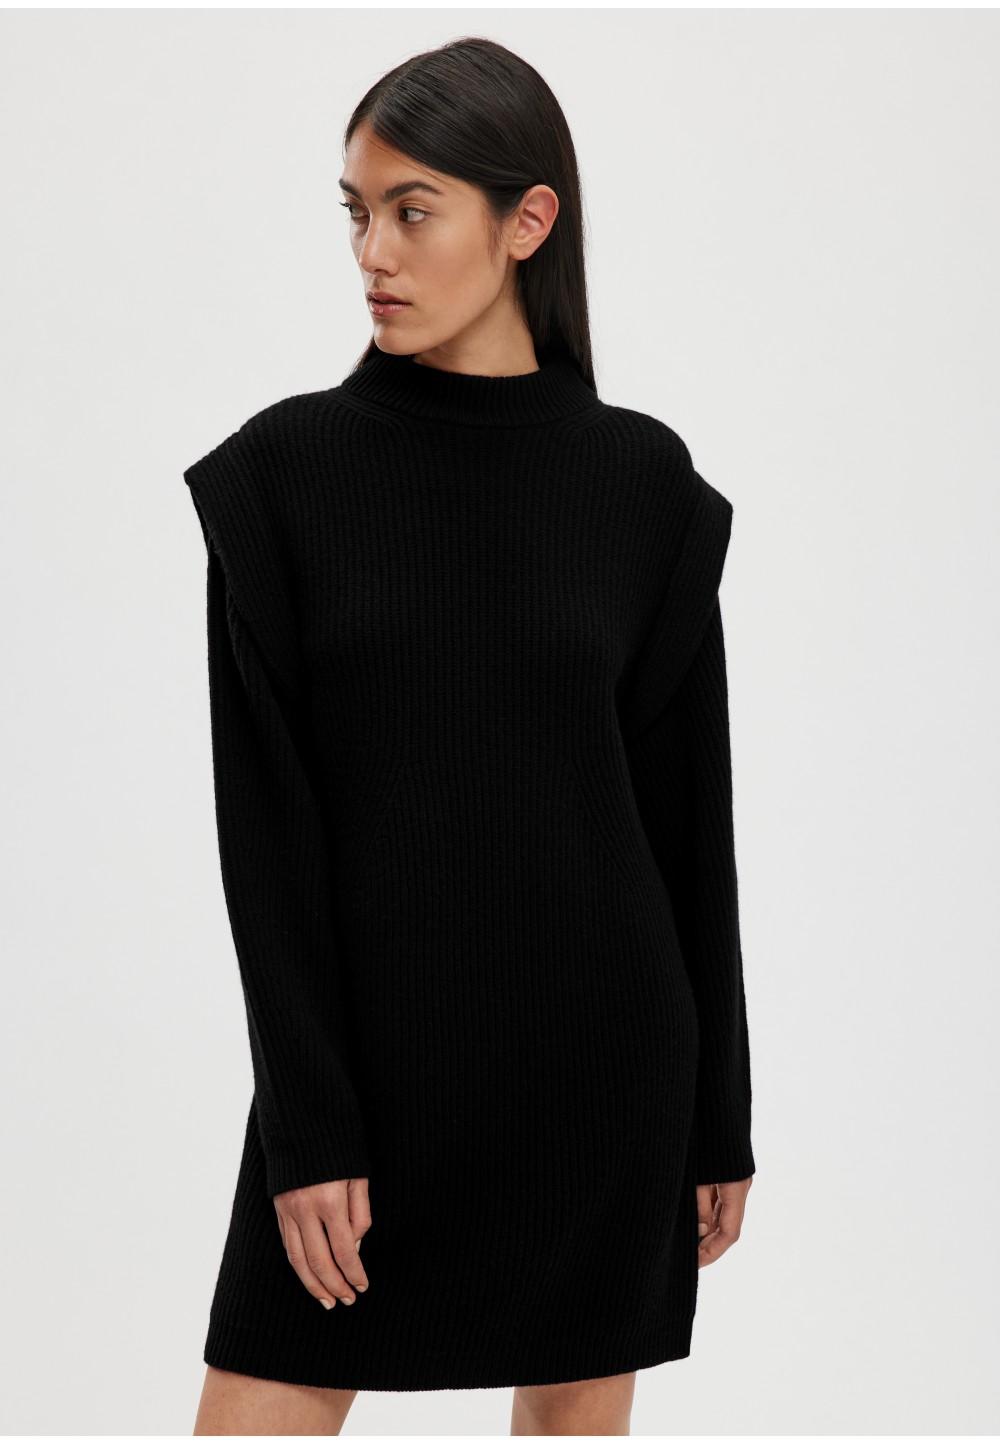 Трикотажное платье из высококачественной 100% шерсти